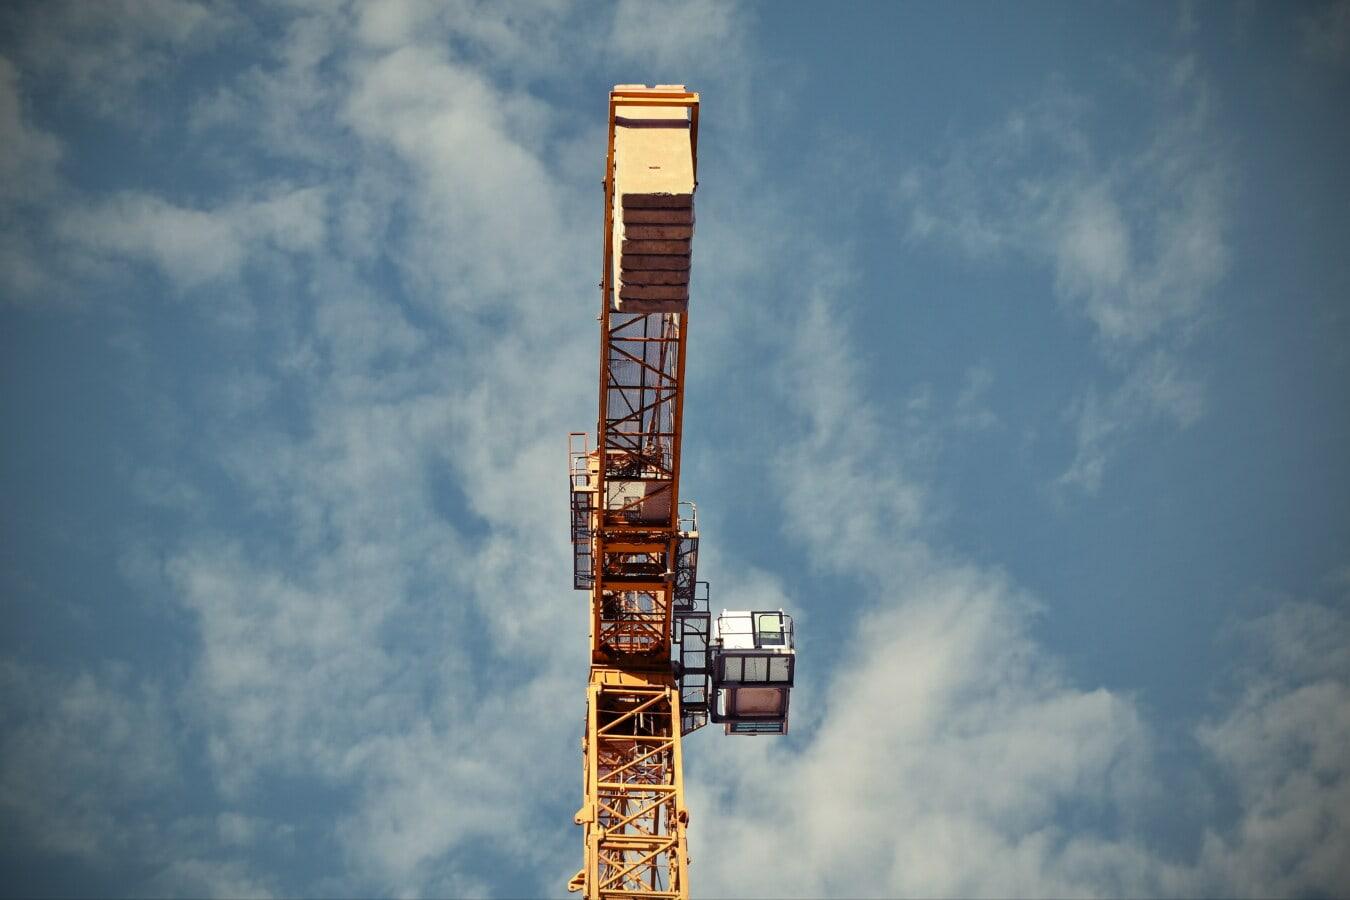 сайт, розвиток, промислові, техніка, висока, кран, будівництво, пристрій, промисловість, вежа